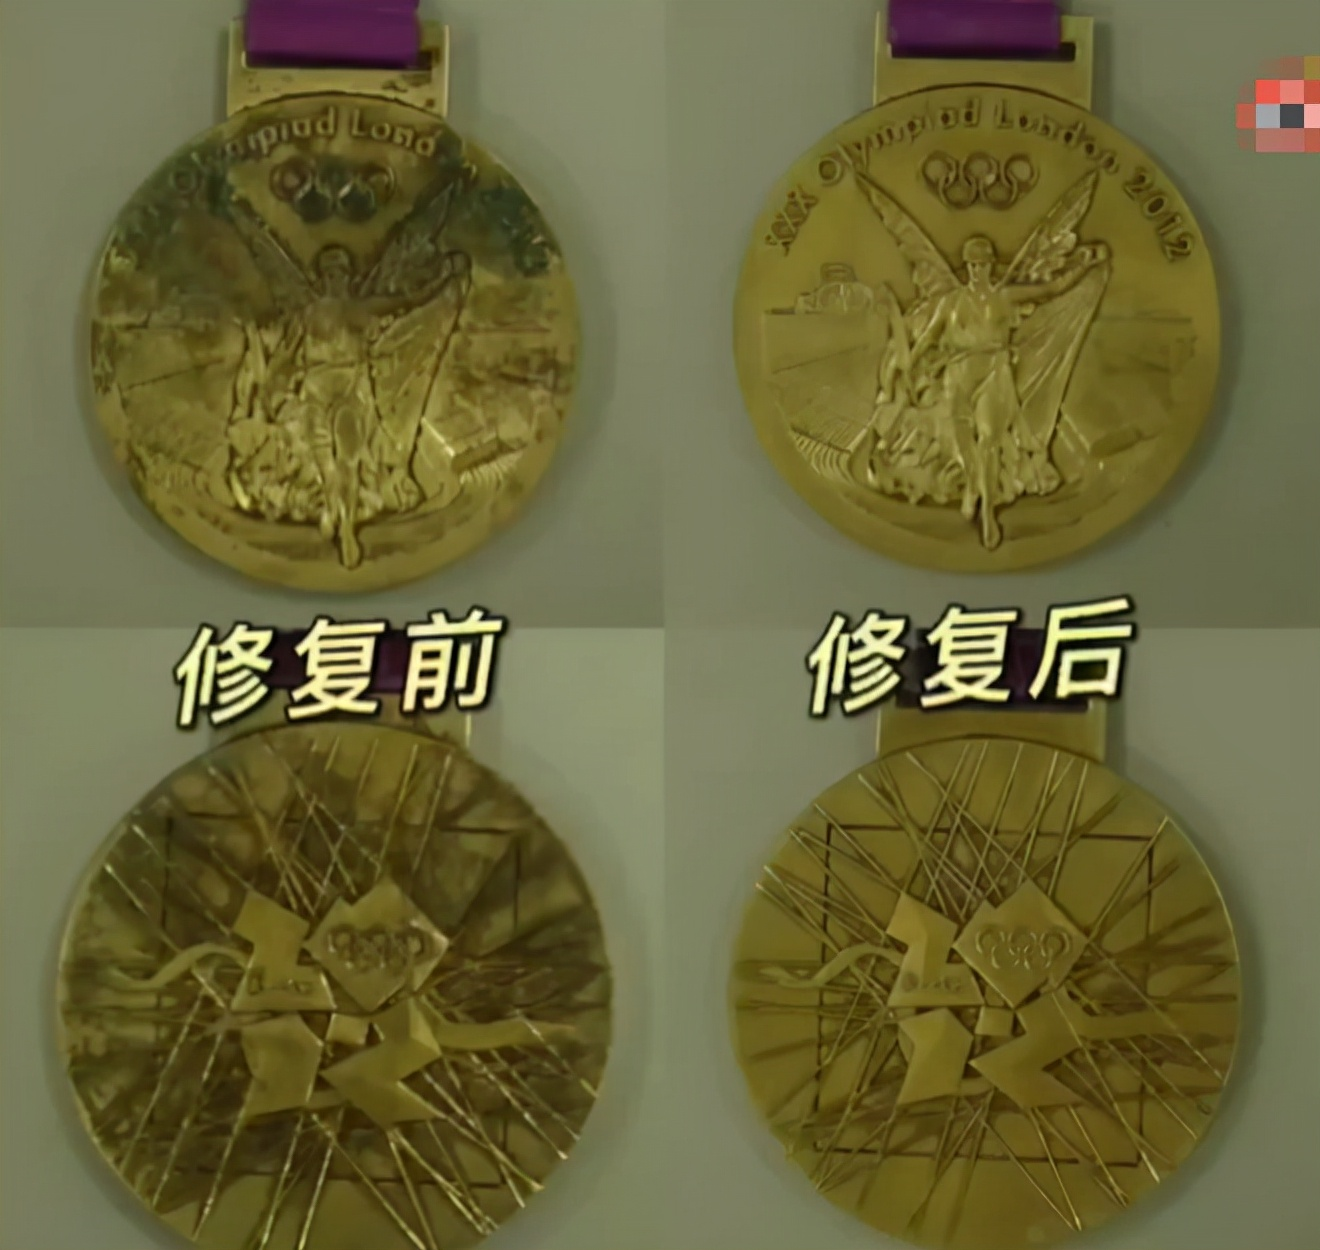 金牌不光会掉皮还会生锈!徐莉佳的那块氧化发黑,必须要定期清理